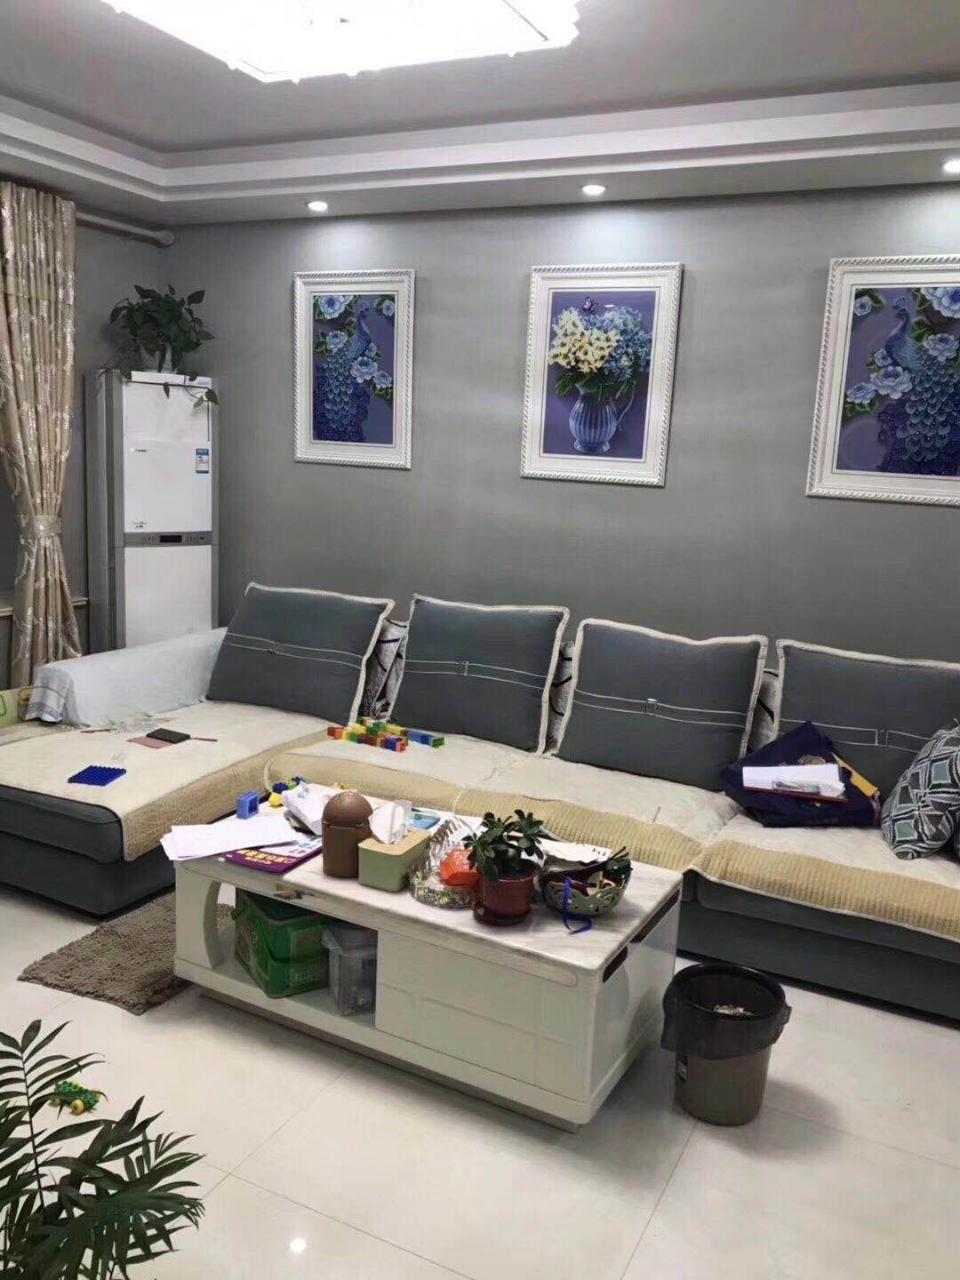 大明国际精装修2室2厅1卫91平米87万元